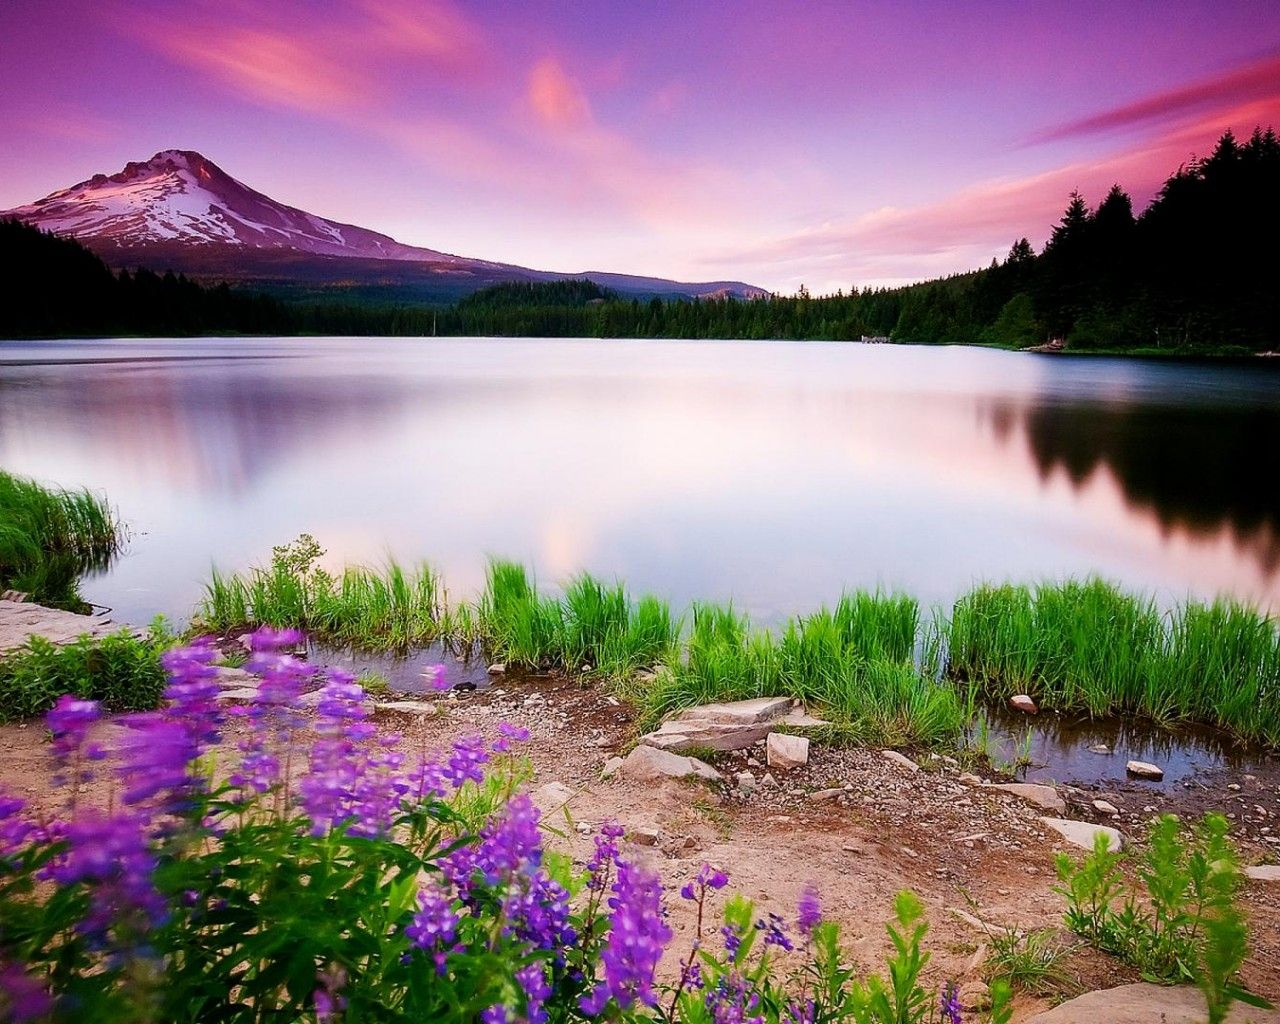 Mountain Beautiful Lake Sunset 1280x1024